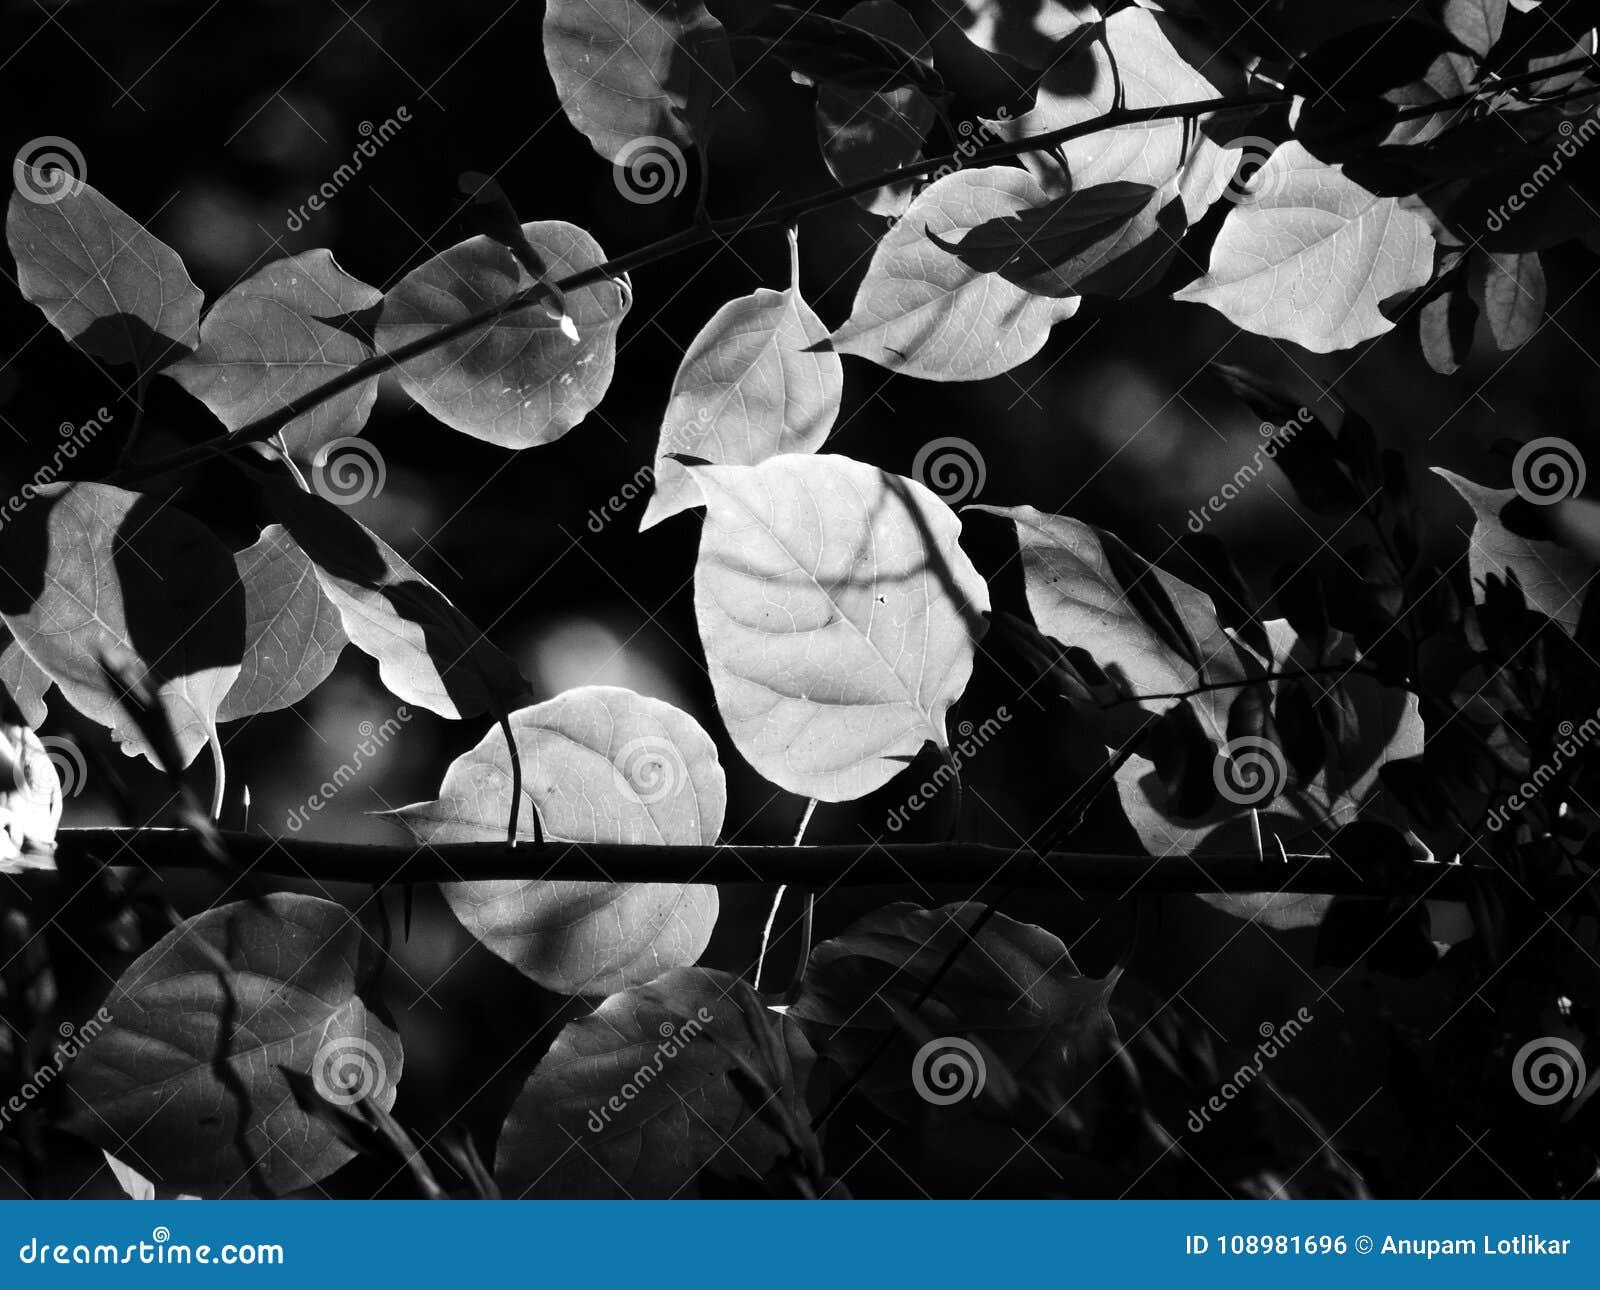 叶子的黑白图象在有穿过它的起斑纹的下午阳光的一个密集的森林里